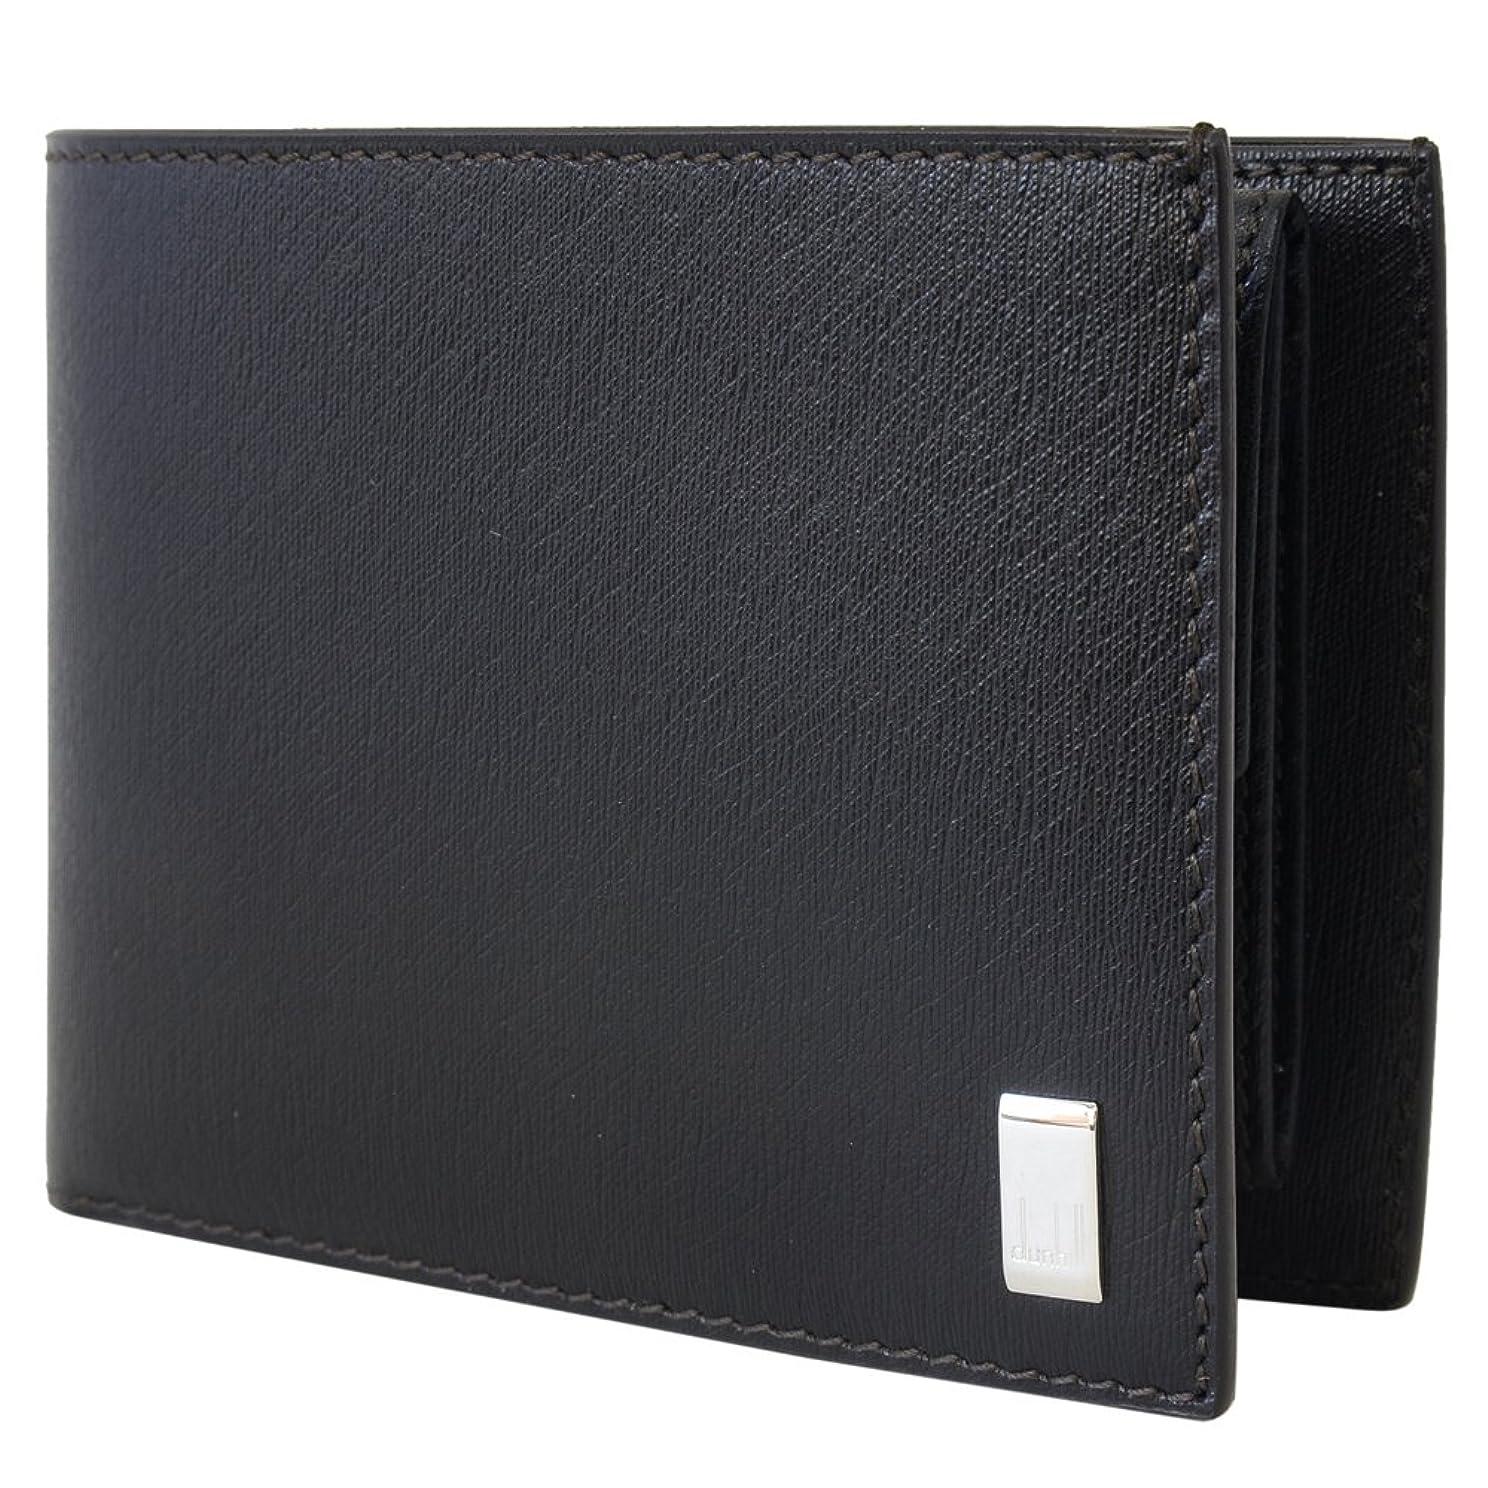 真っ逆さまアトラス密接に[ダンヒル] DUNHILL 財布 FP3070E 二つ折り財布 折りたたみ財布 SIDECAR サイドカー Dark brown ダークブラウン かぶせ蓋 無地 [並行輸入品]